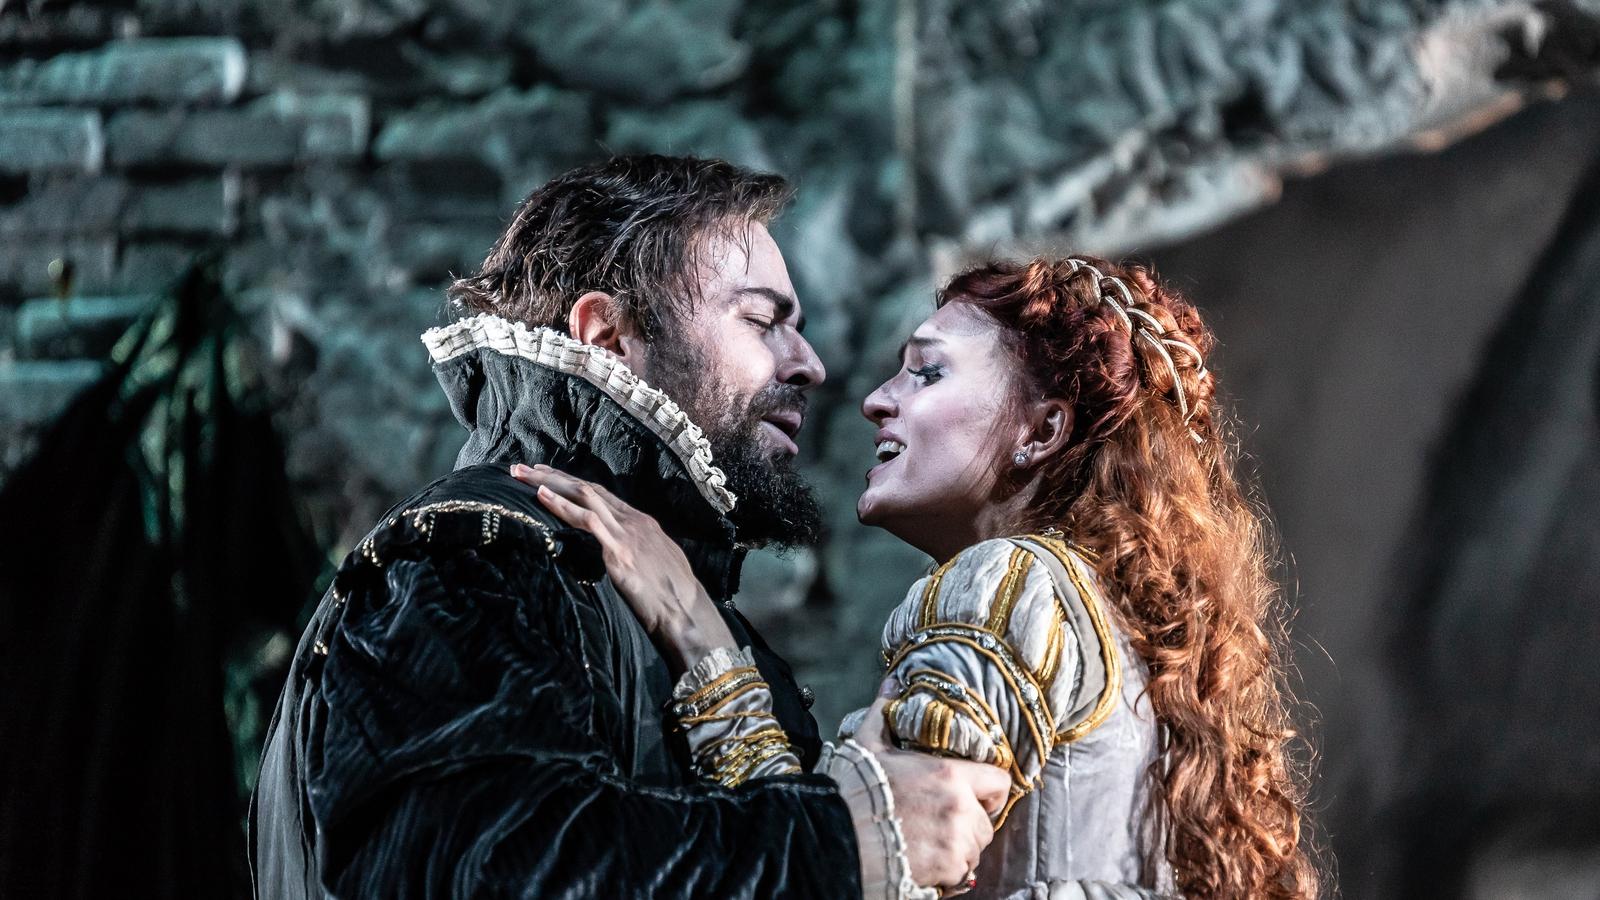 Image - Alessandro Luciano a Ekaterina Bakanova in Il bravo by Mercadante at Wexford Opera Festival 2018